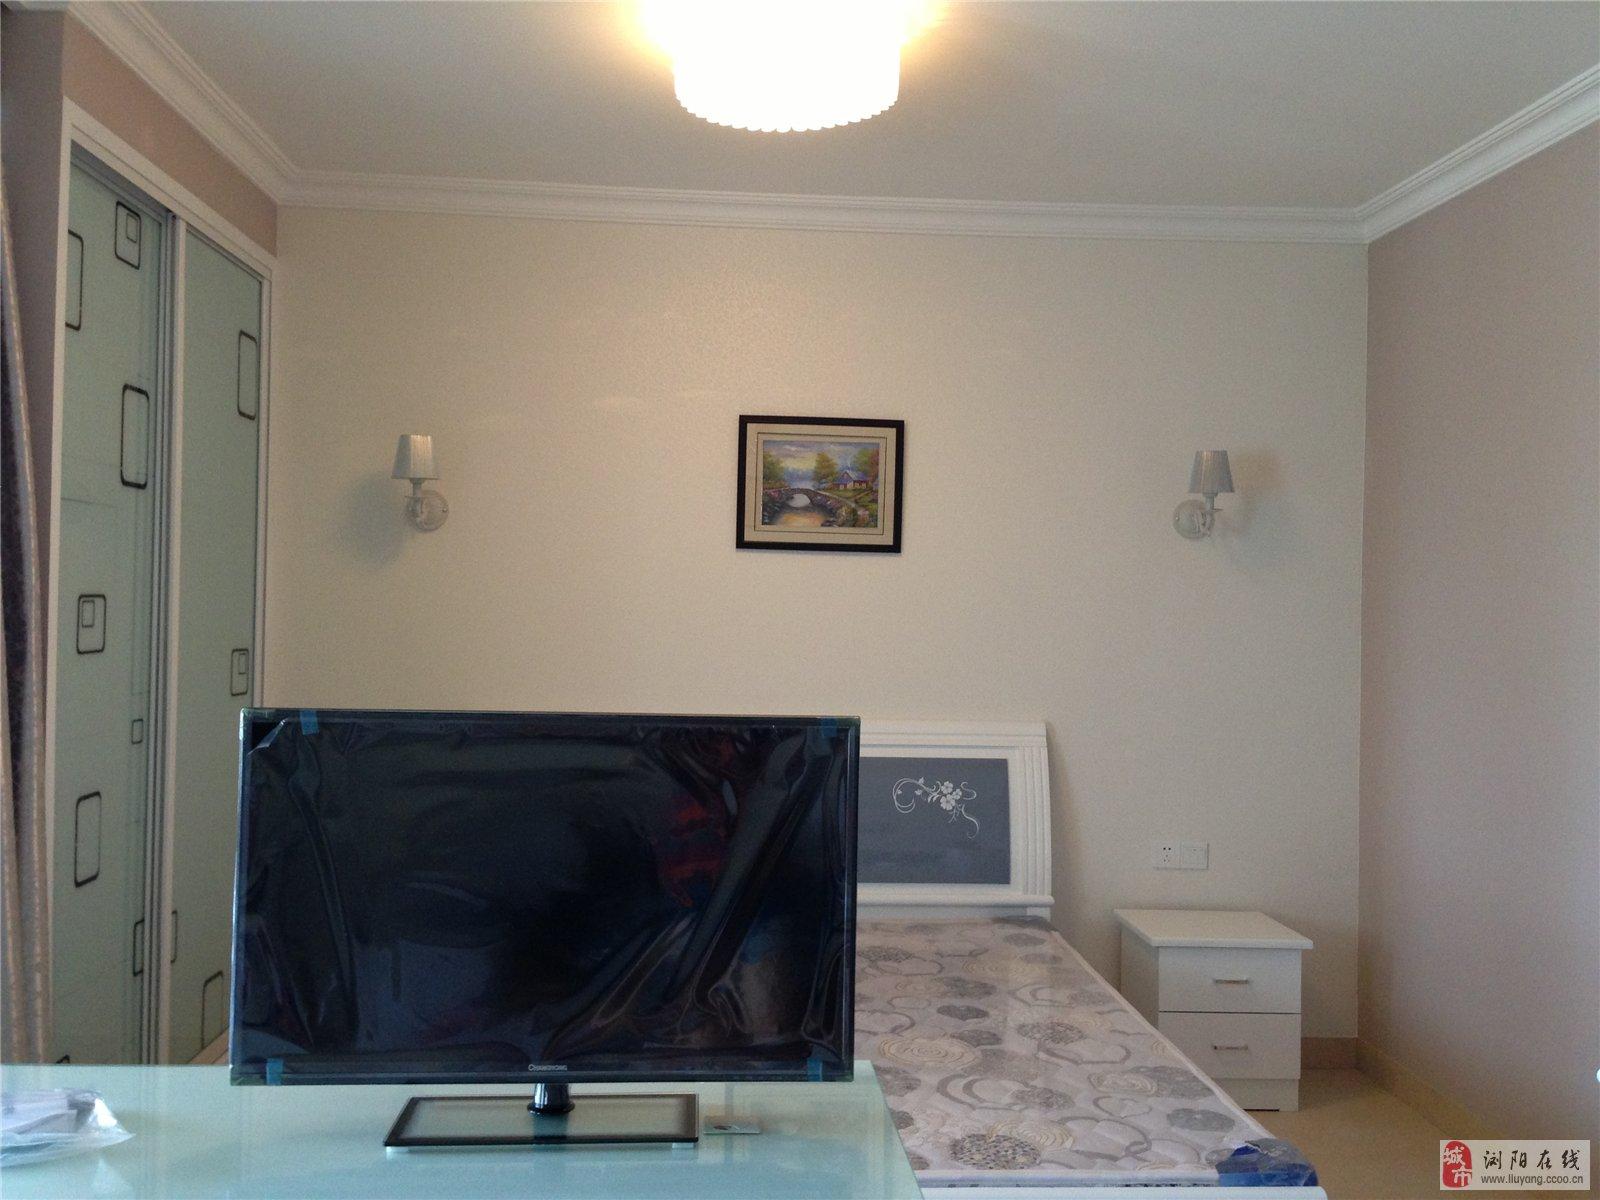 鸿宇公馆一室一厅一厨一卫五十几平米高档精装修房出租